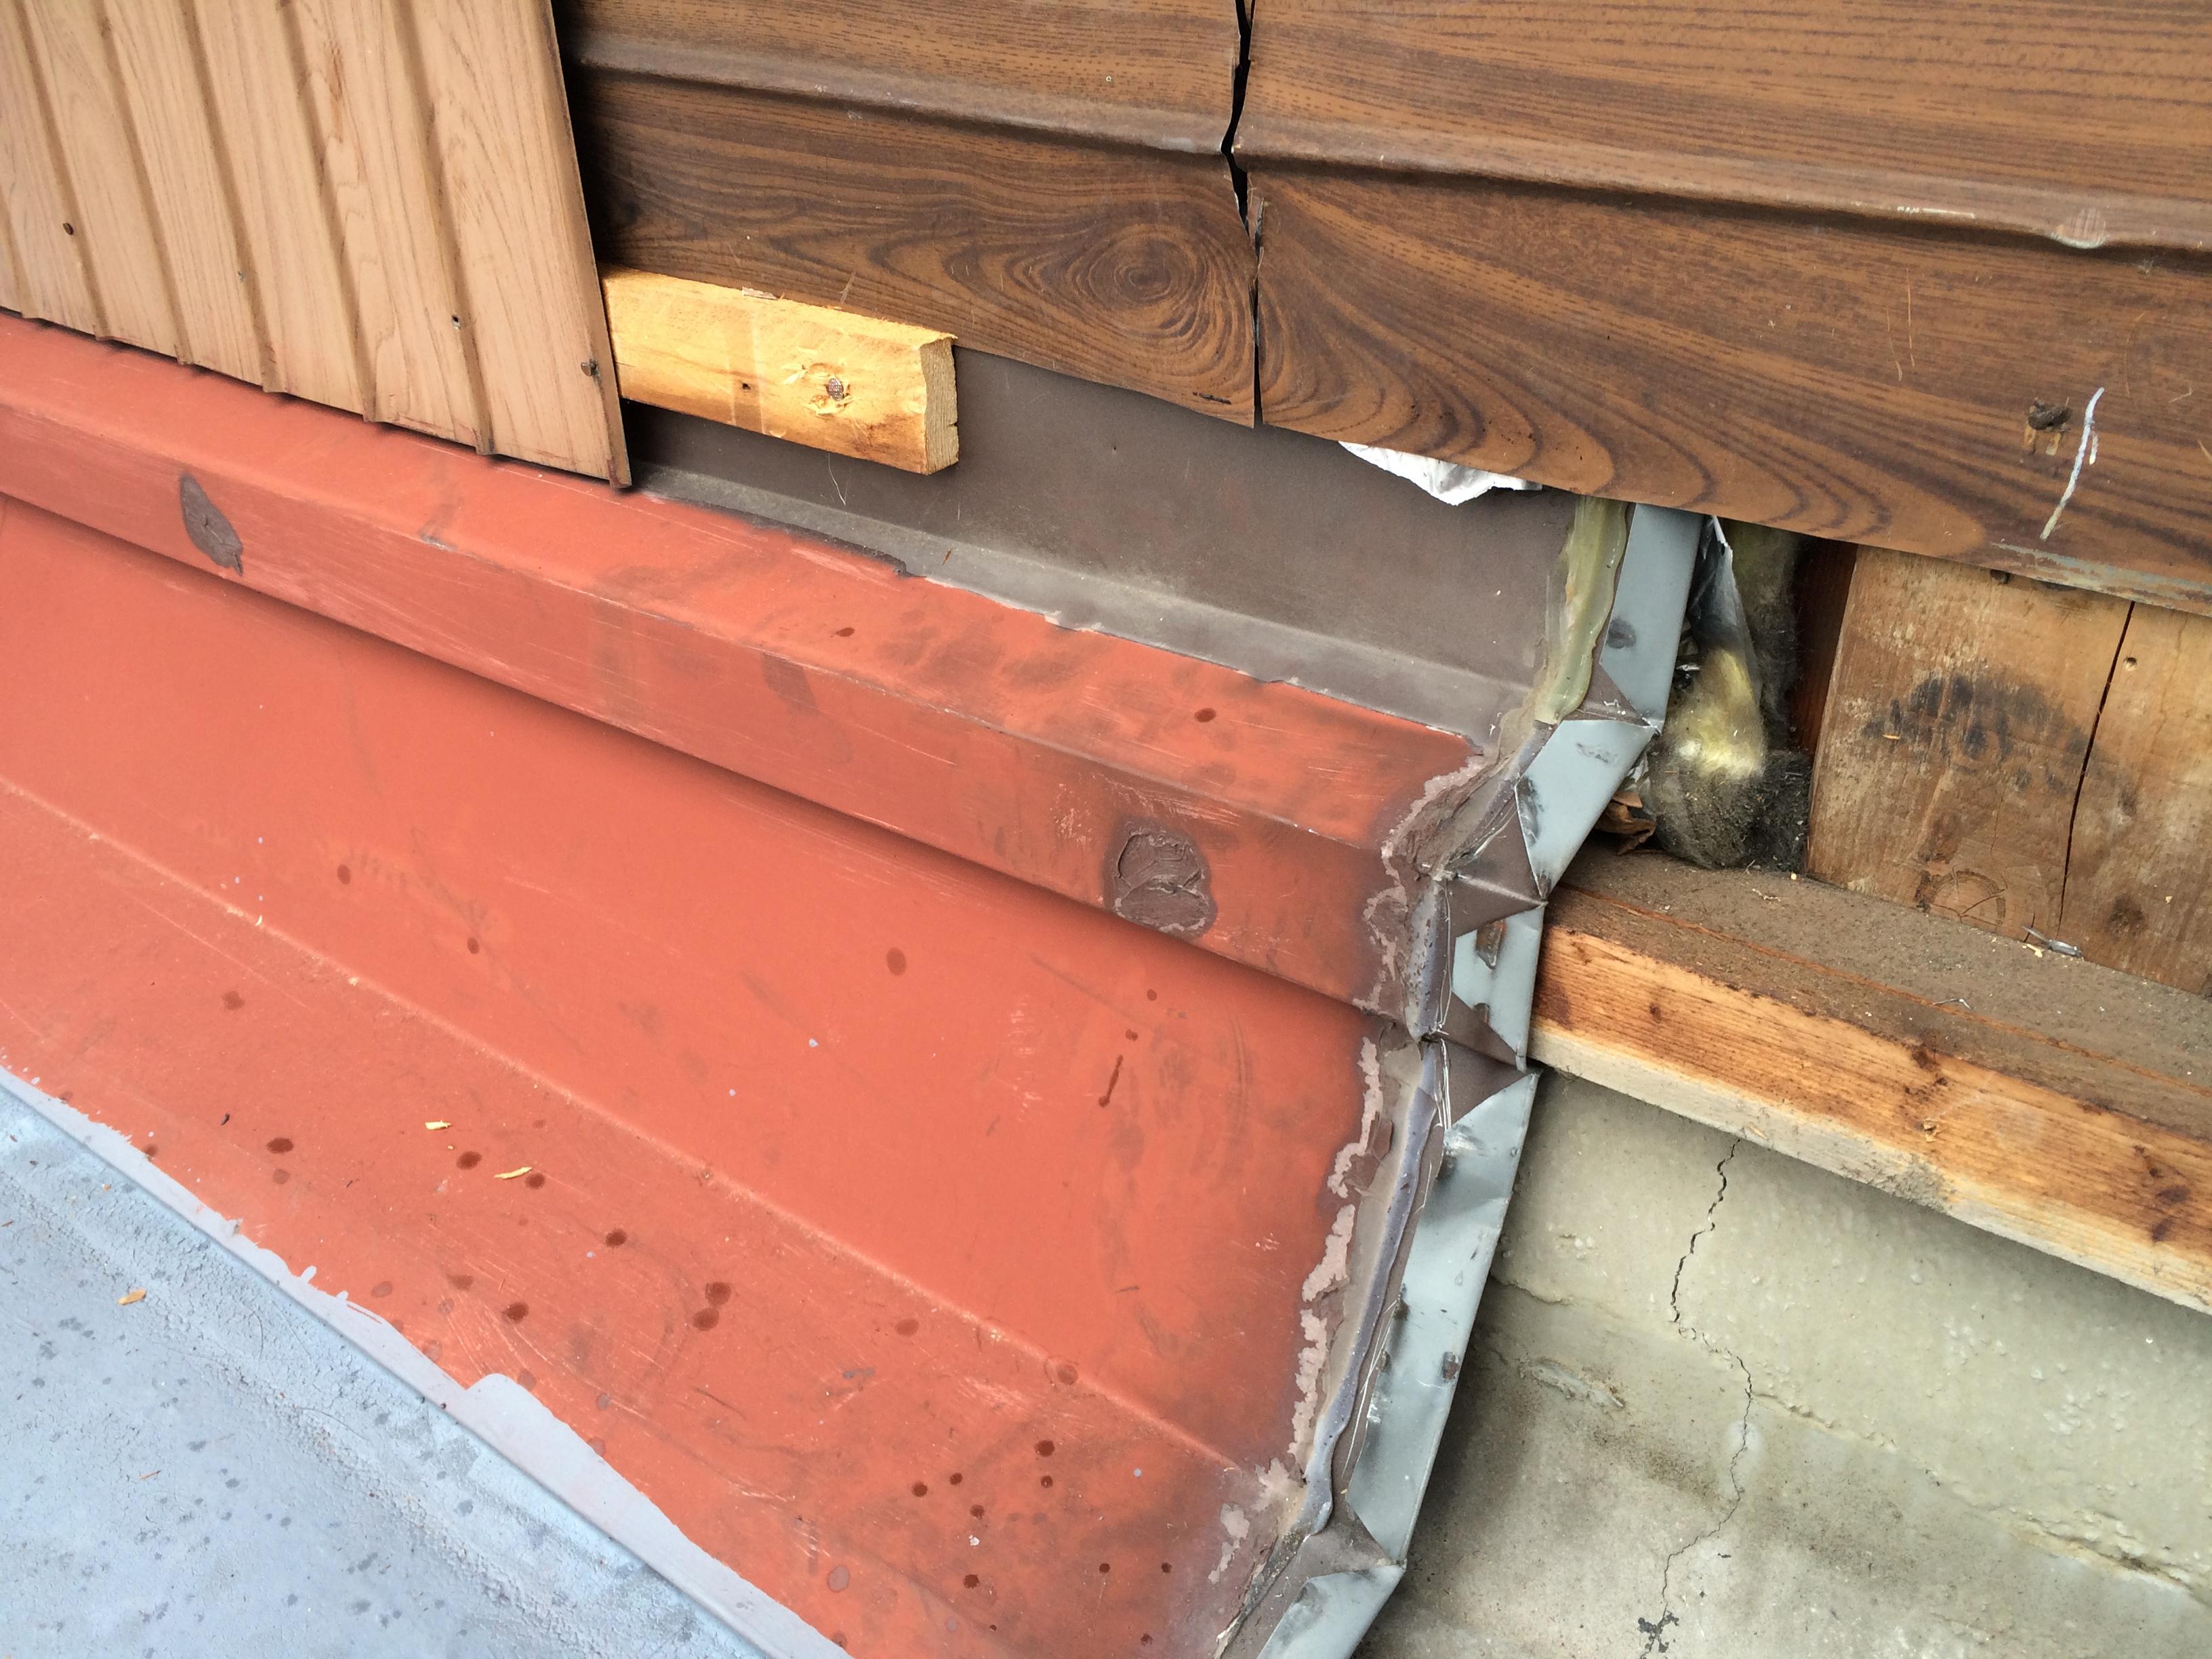 <p>板金をカットした様子です。下地のクラックと板金の形状により、雨漏れしていました</p>